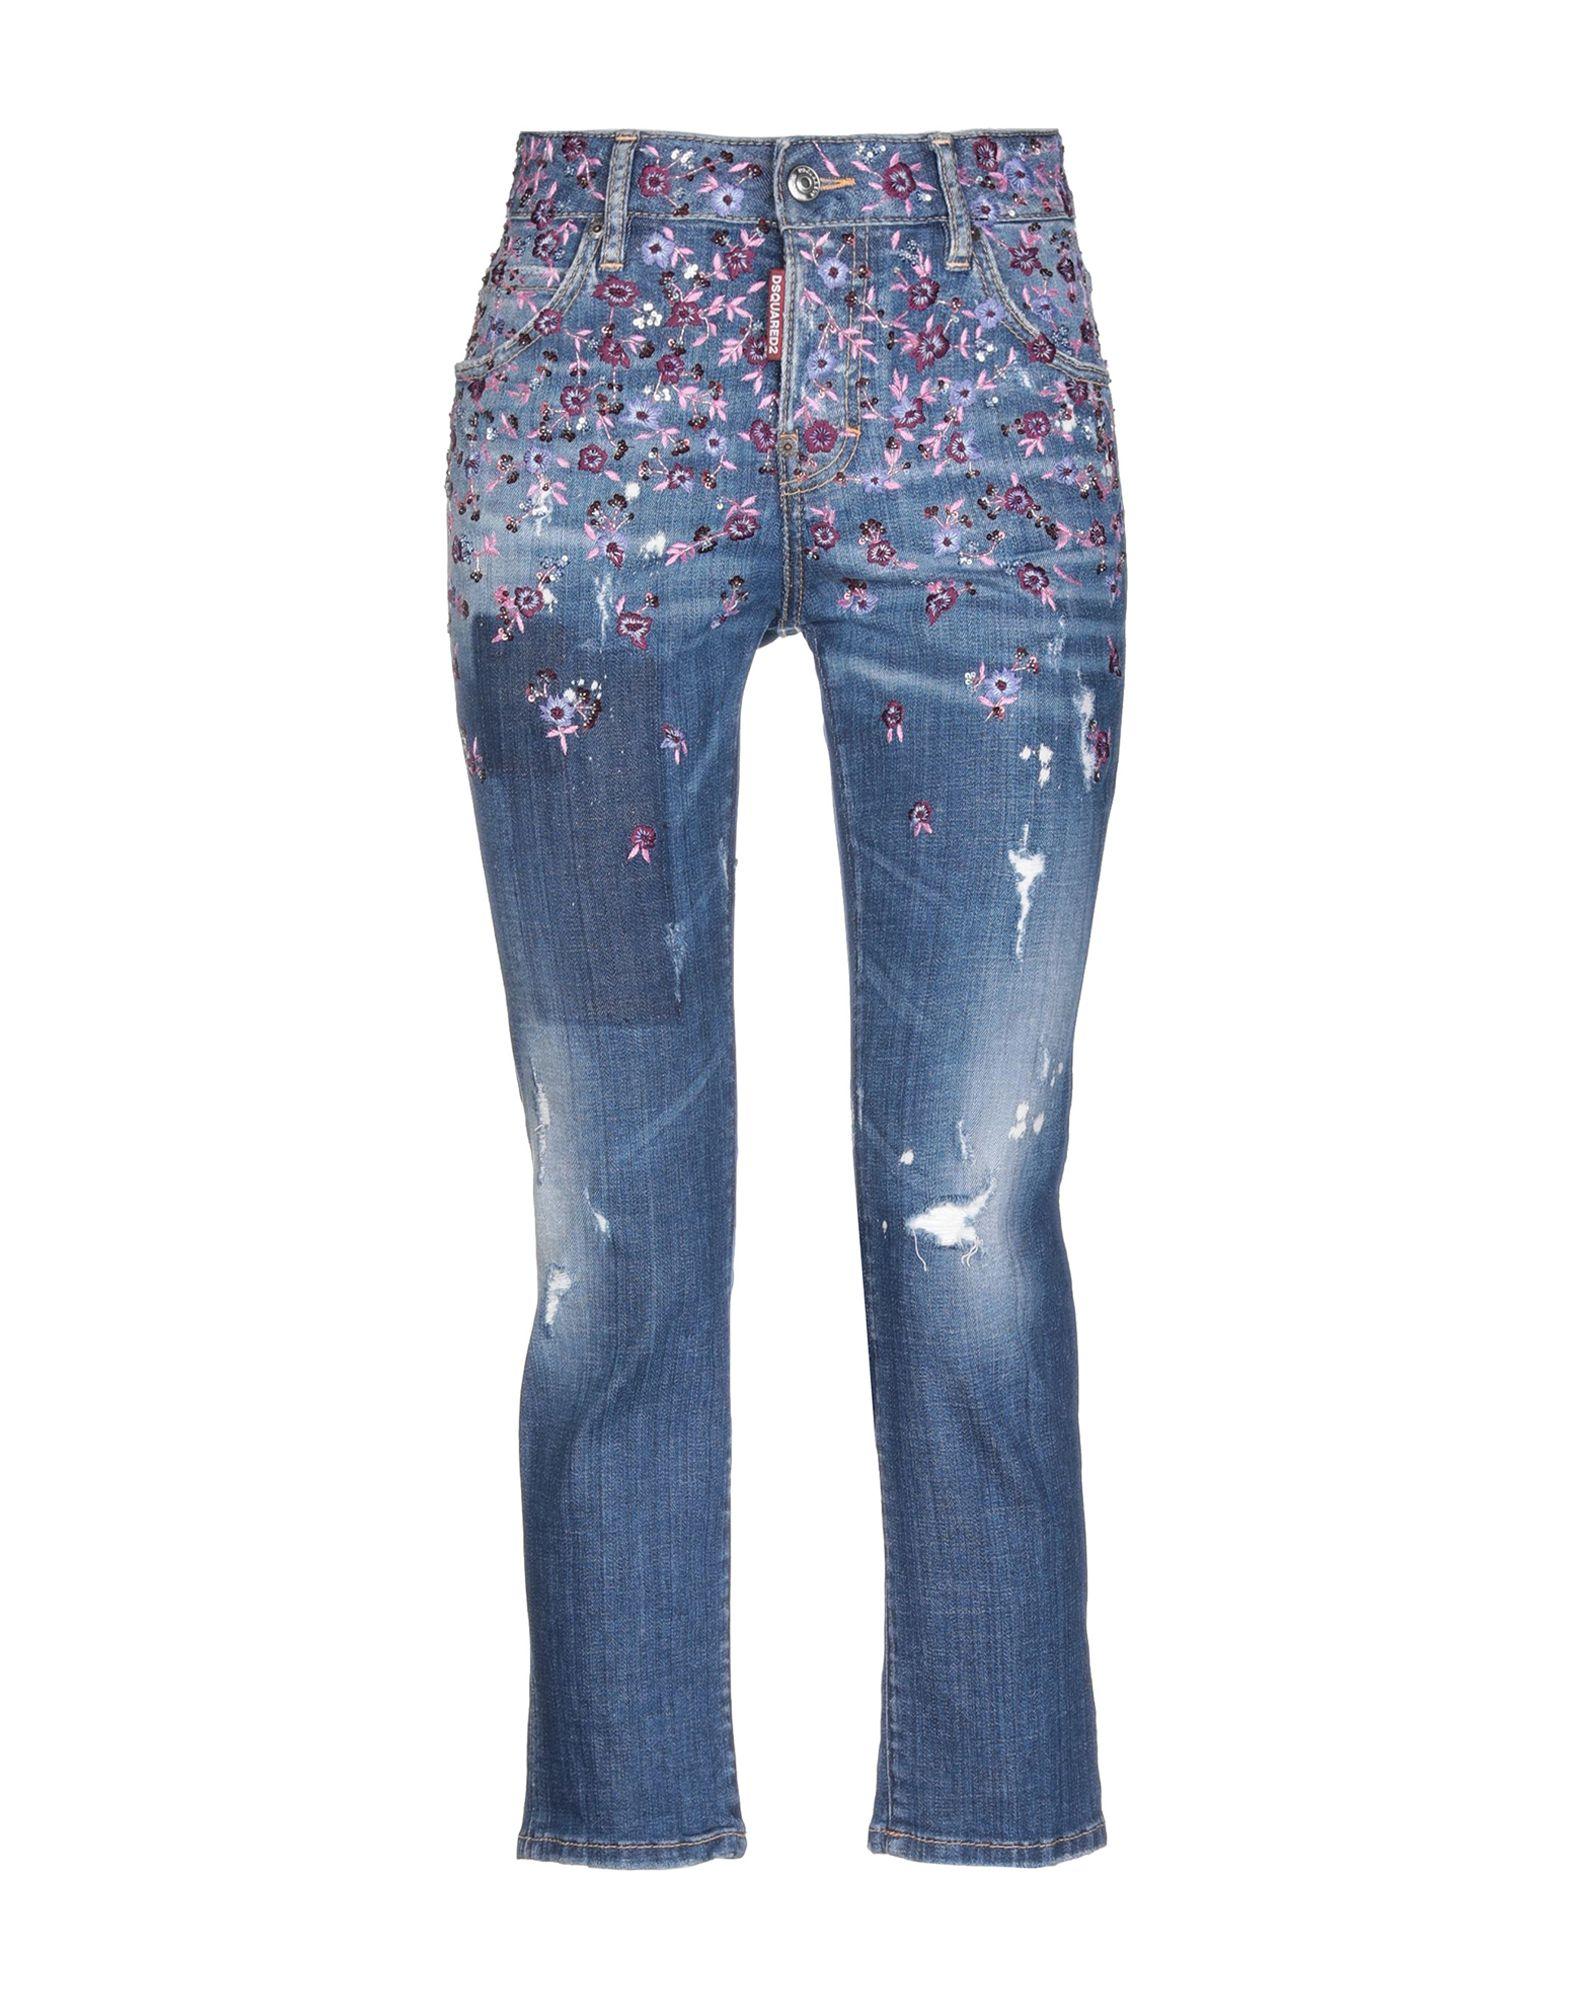 909803070b6 Buy jeans for women - Best women s jeans shop - Cools.com